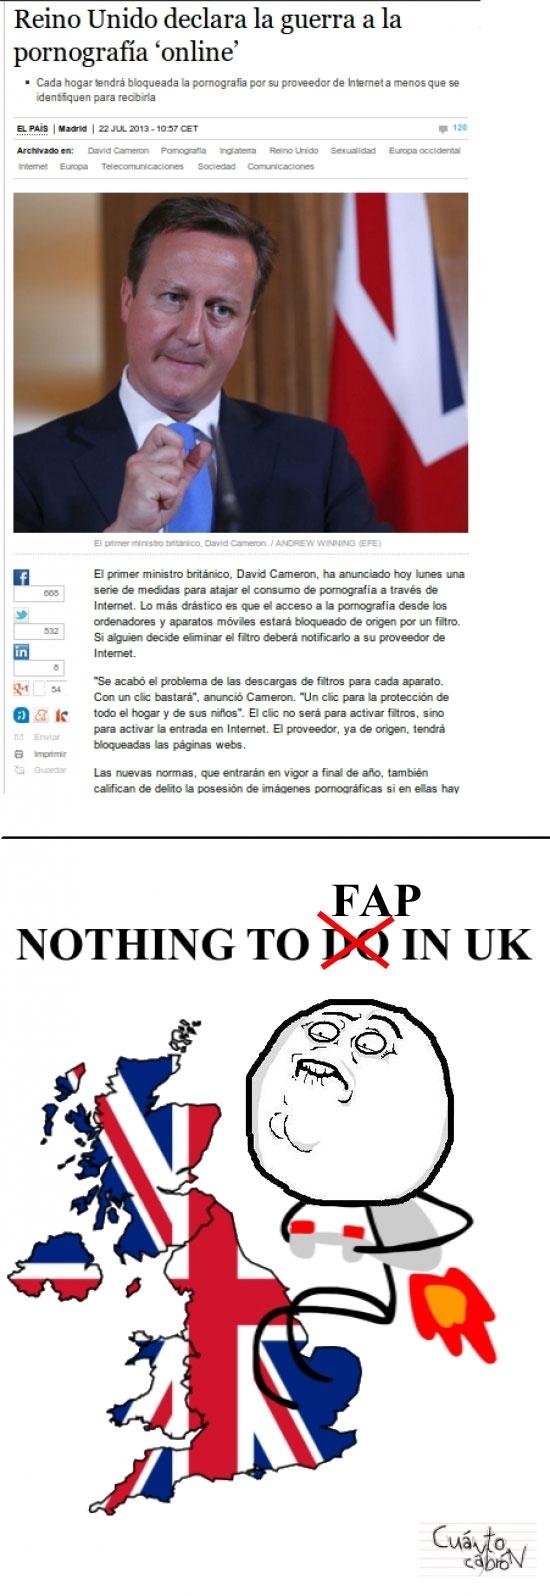 Nothing_to_do_here - ¿Y ahora qué van a hacer para aliviarse en el Reino Unido?